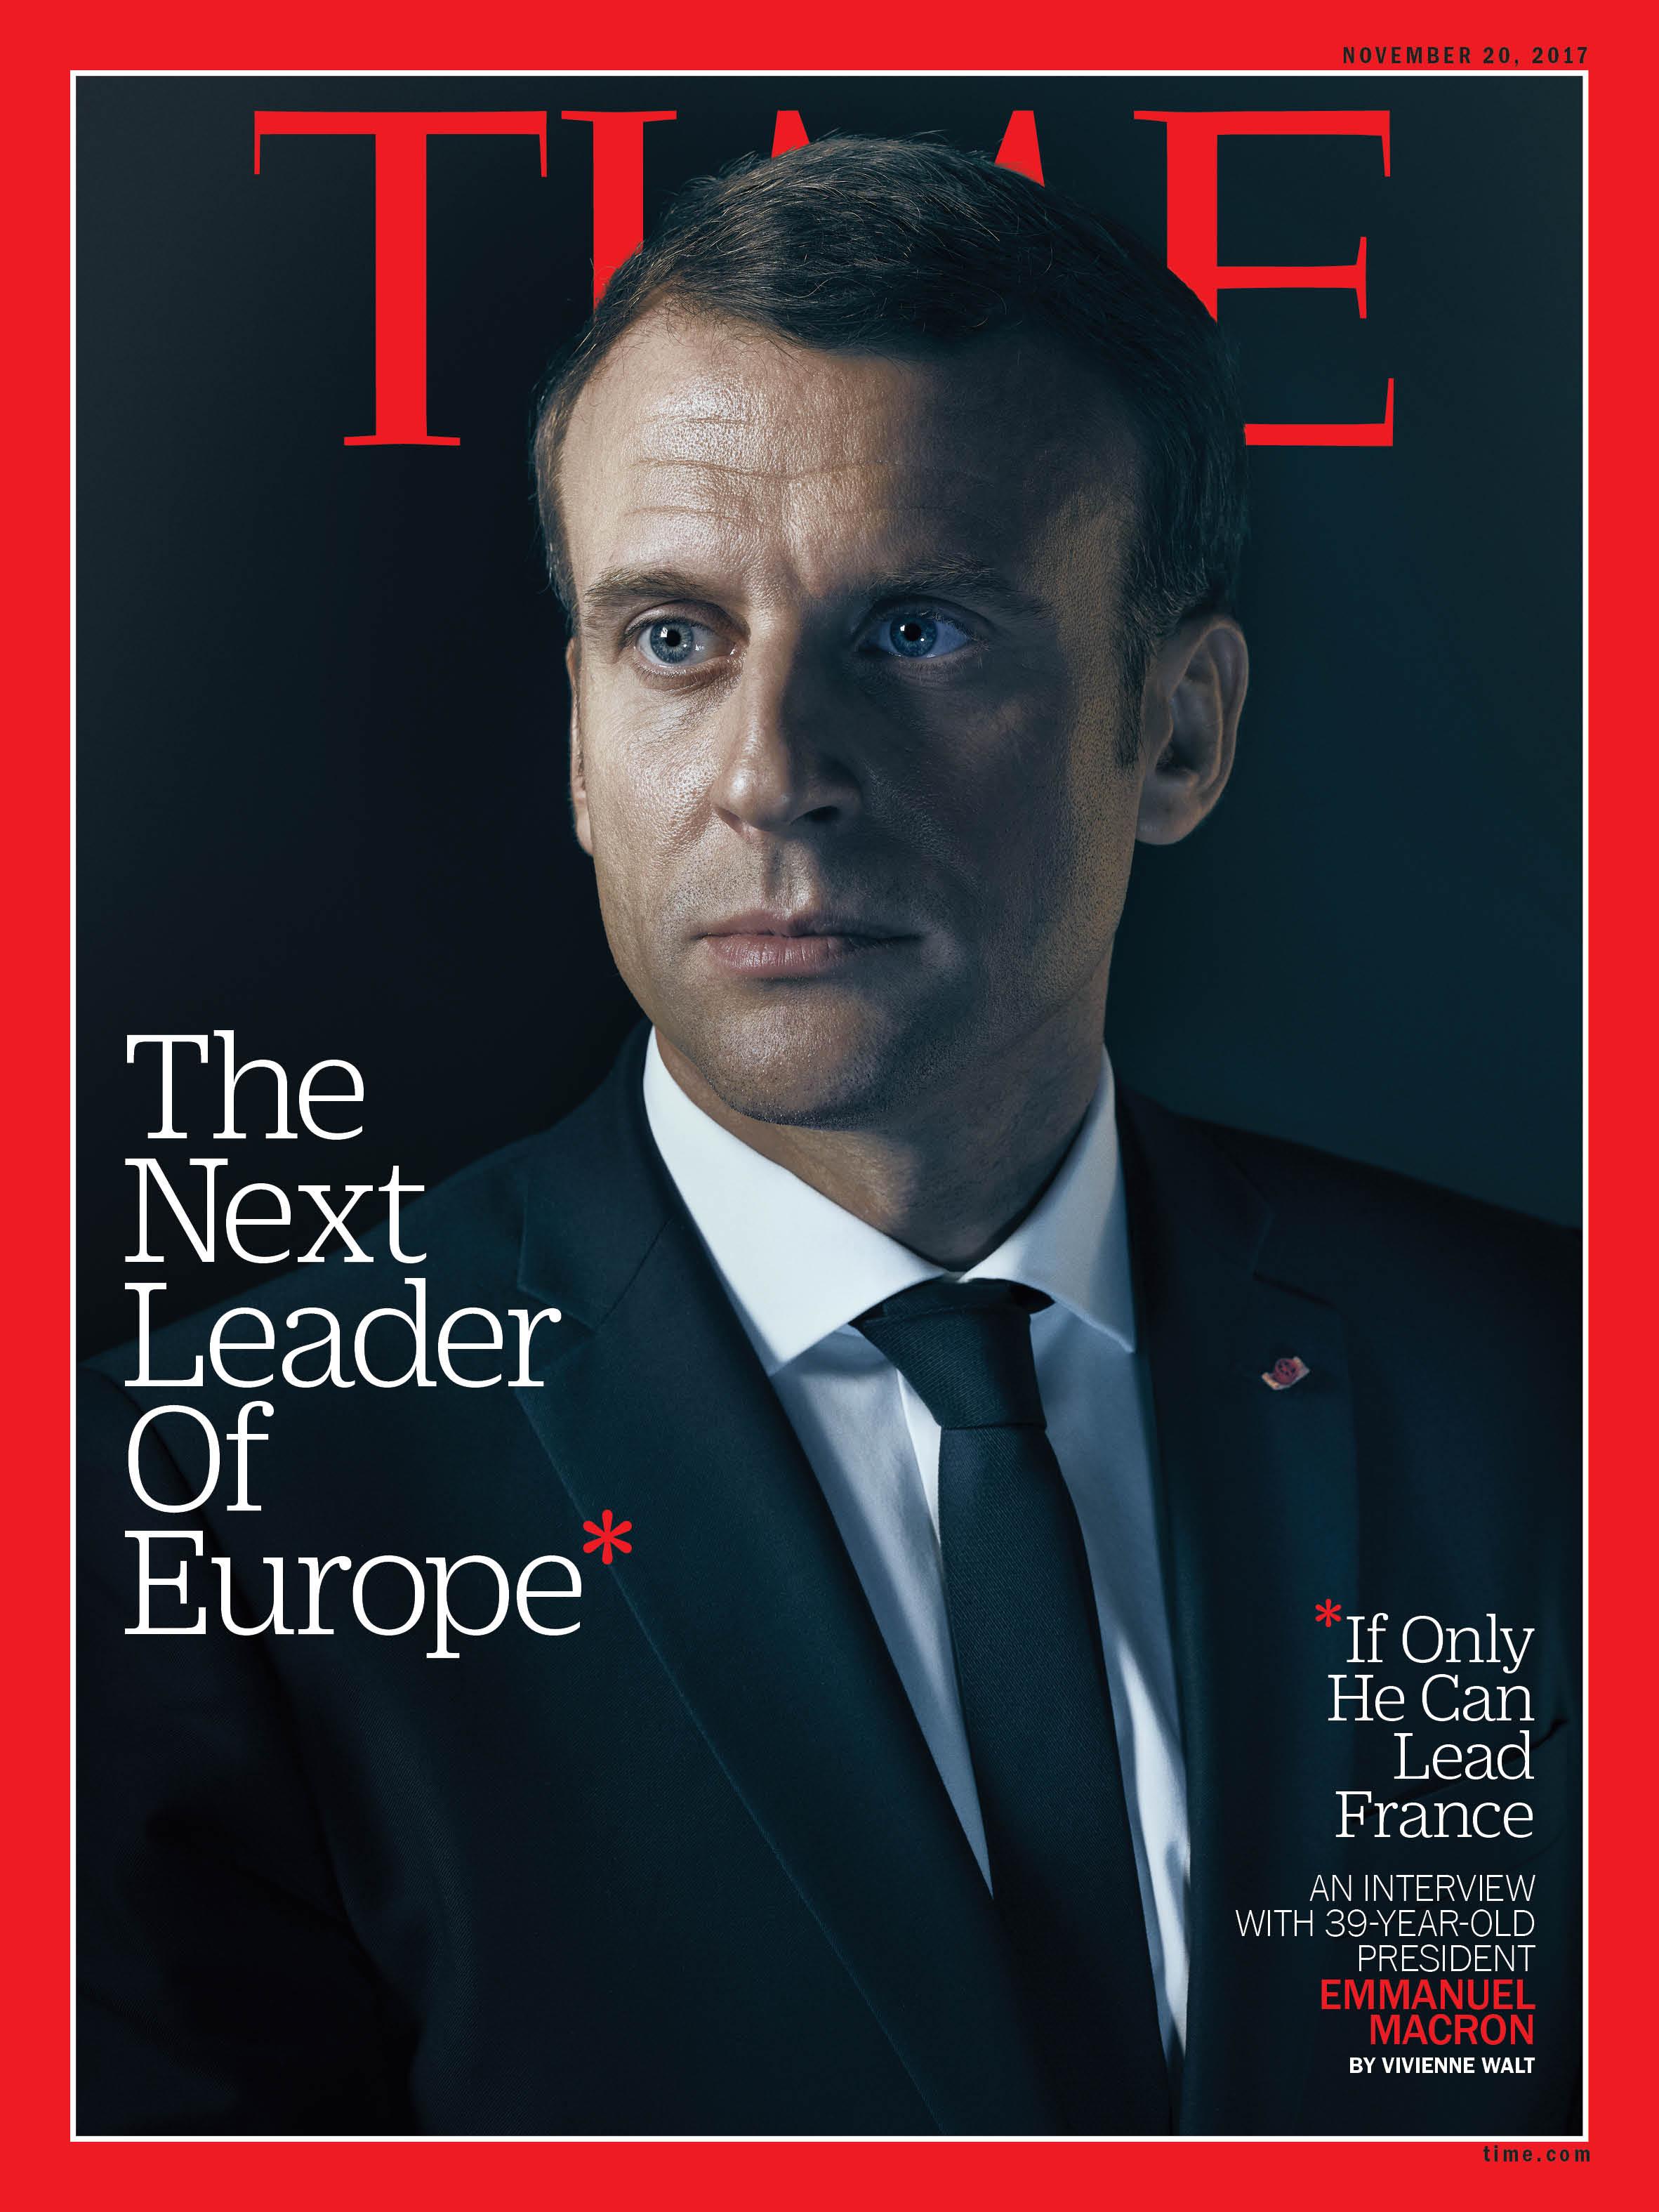 President Emmanuel Macron in the Élysée Palace on Nov. 7.